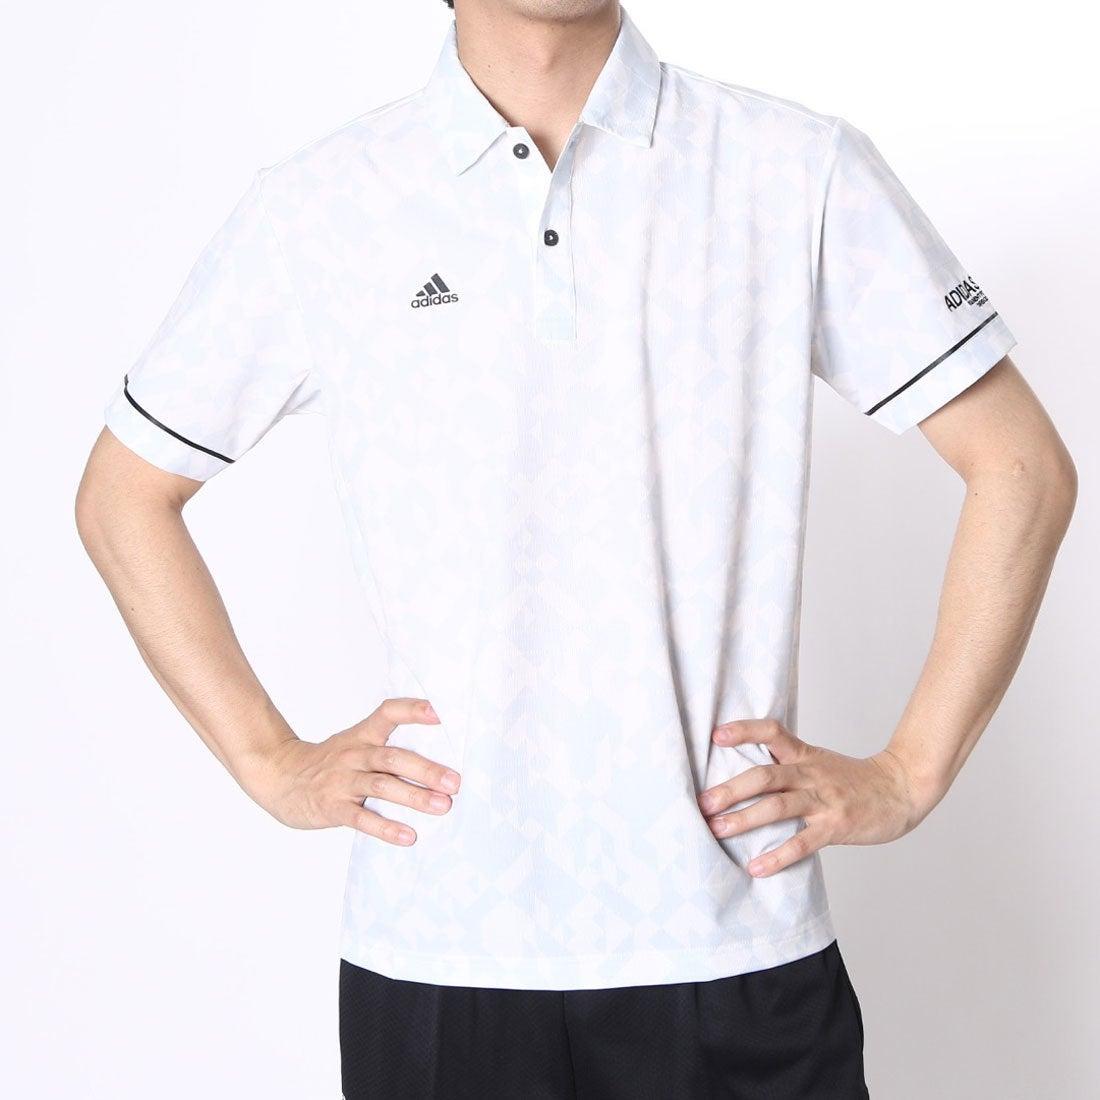 【SALE 53%OFF】【アウトレット】アディダス adidas ゴルフシャツ JP CP デジタルプリントS/Sウーブンポロ CCG36 (ホワイト) メンズ